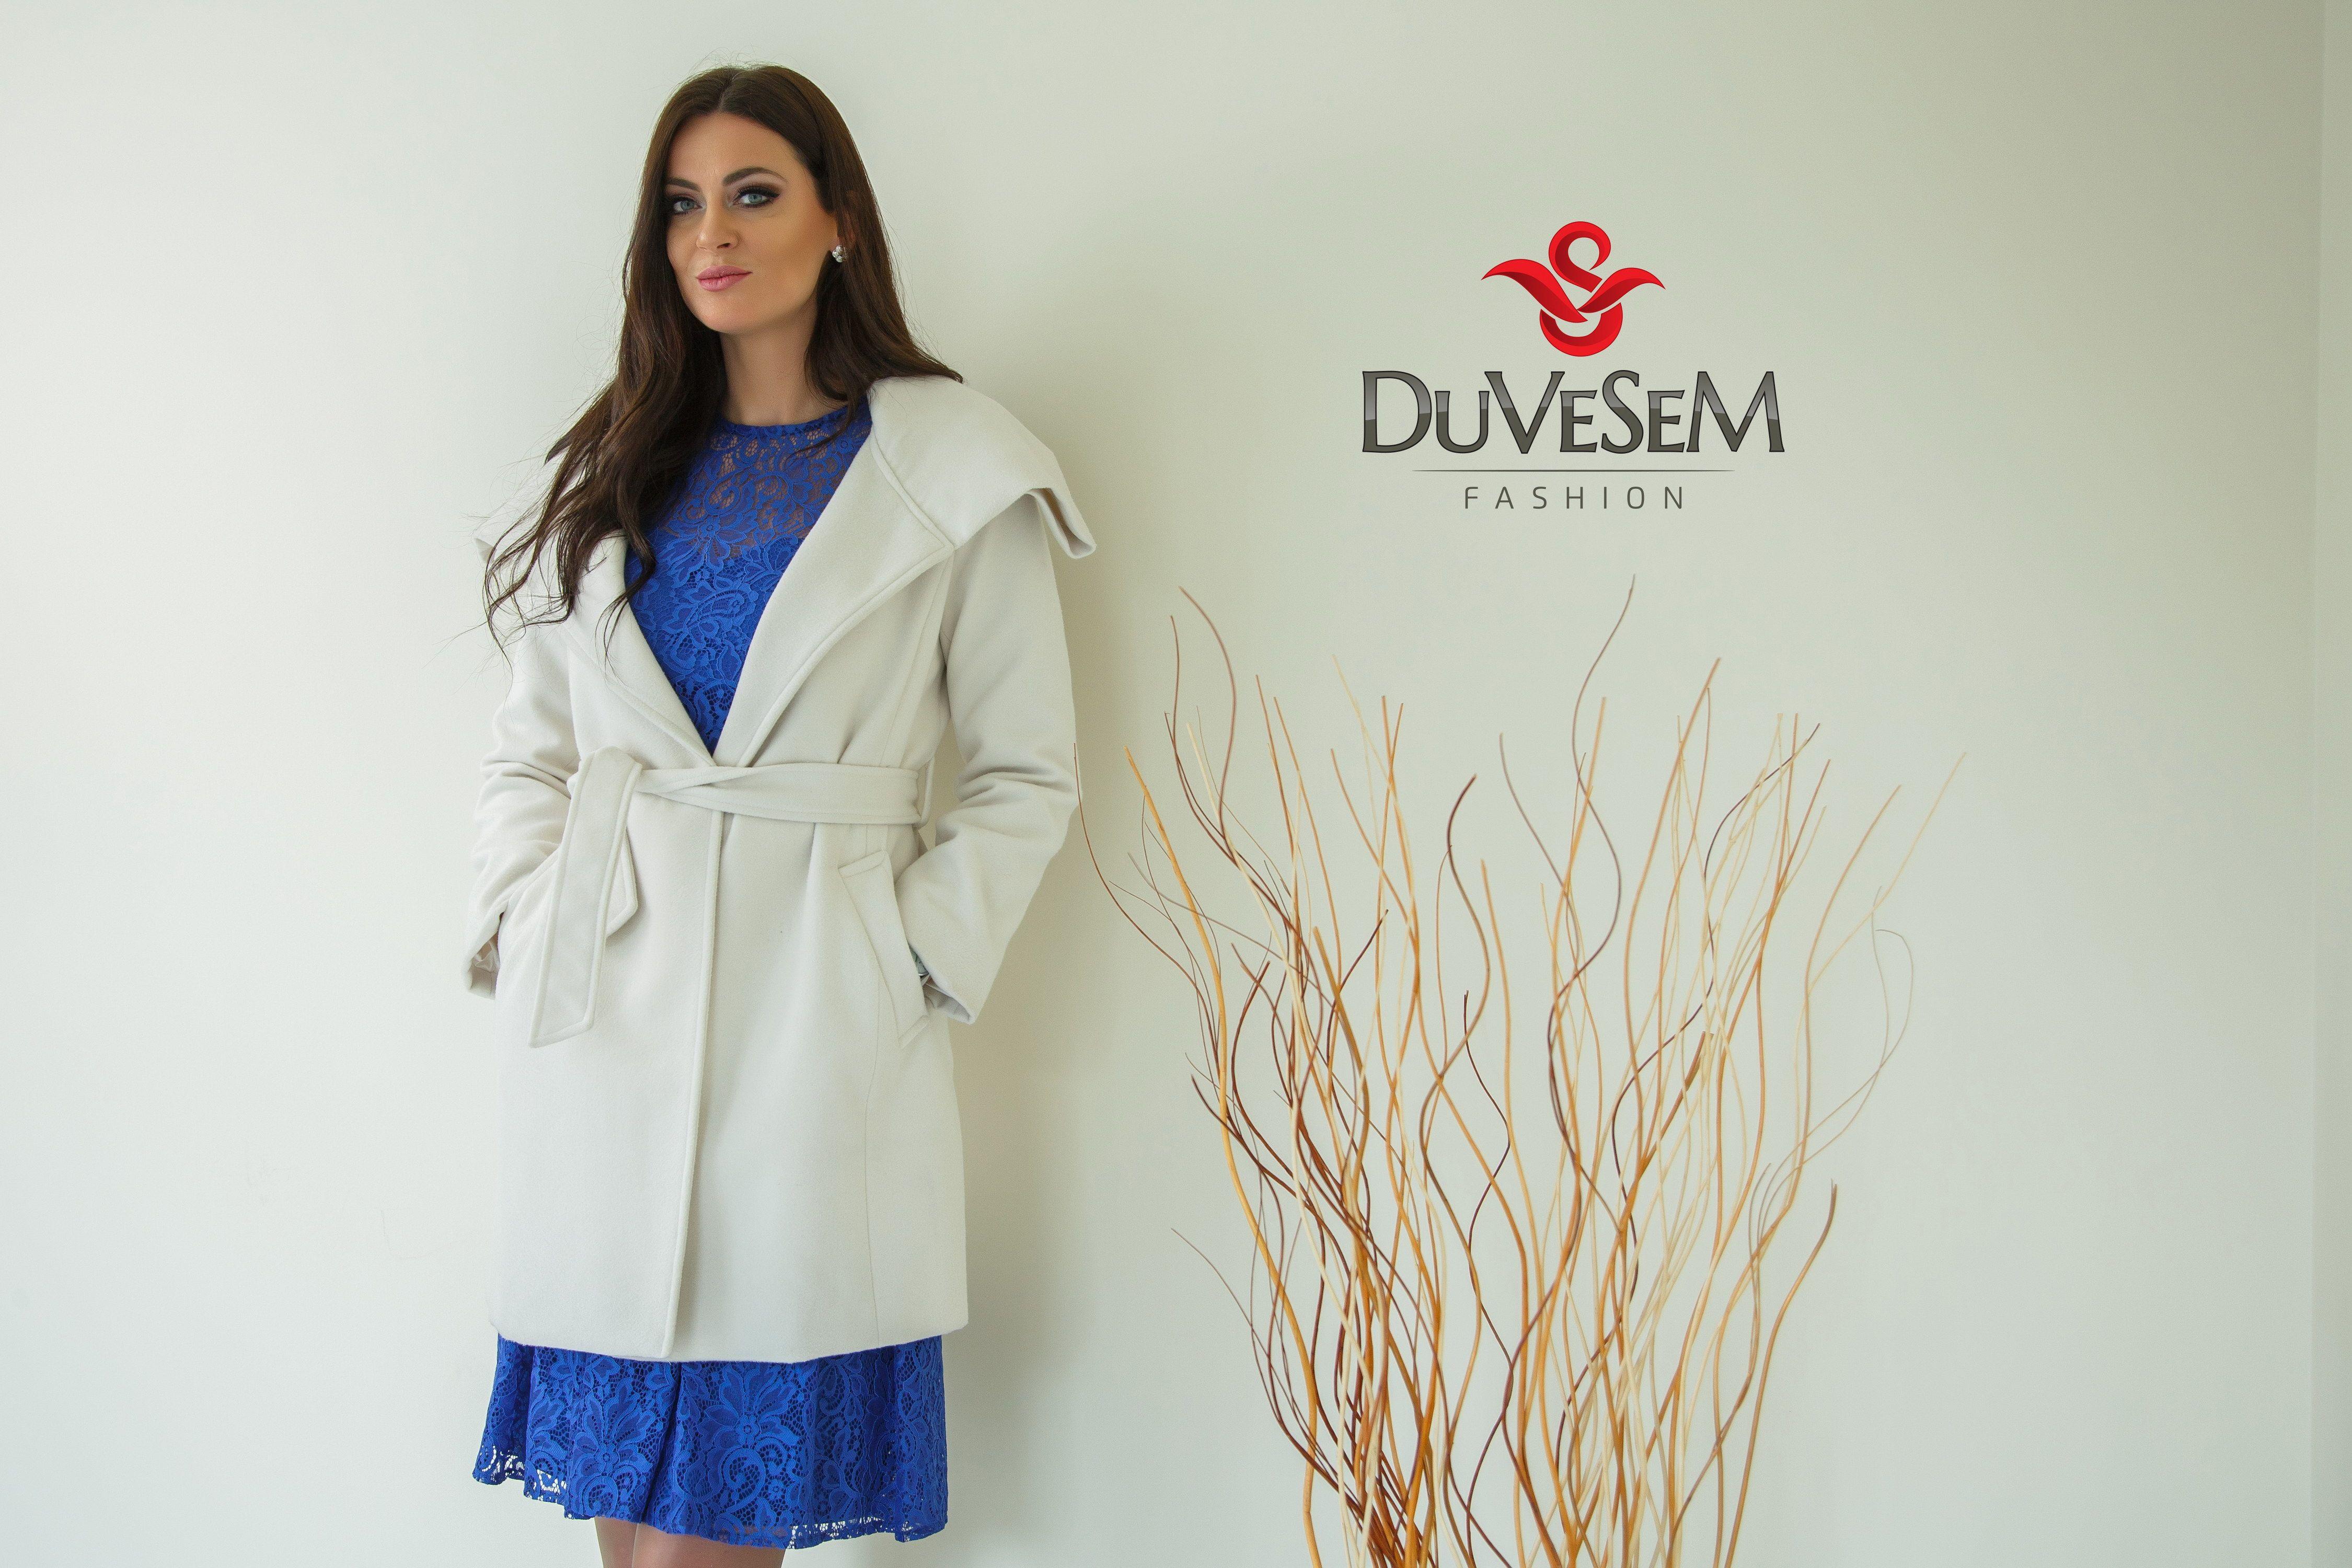 Pin By Duvesem Fashion On Kraljevsko Plava Haljina Fashion